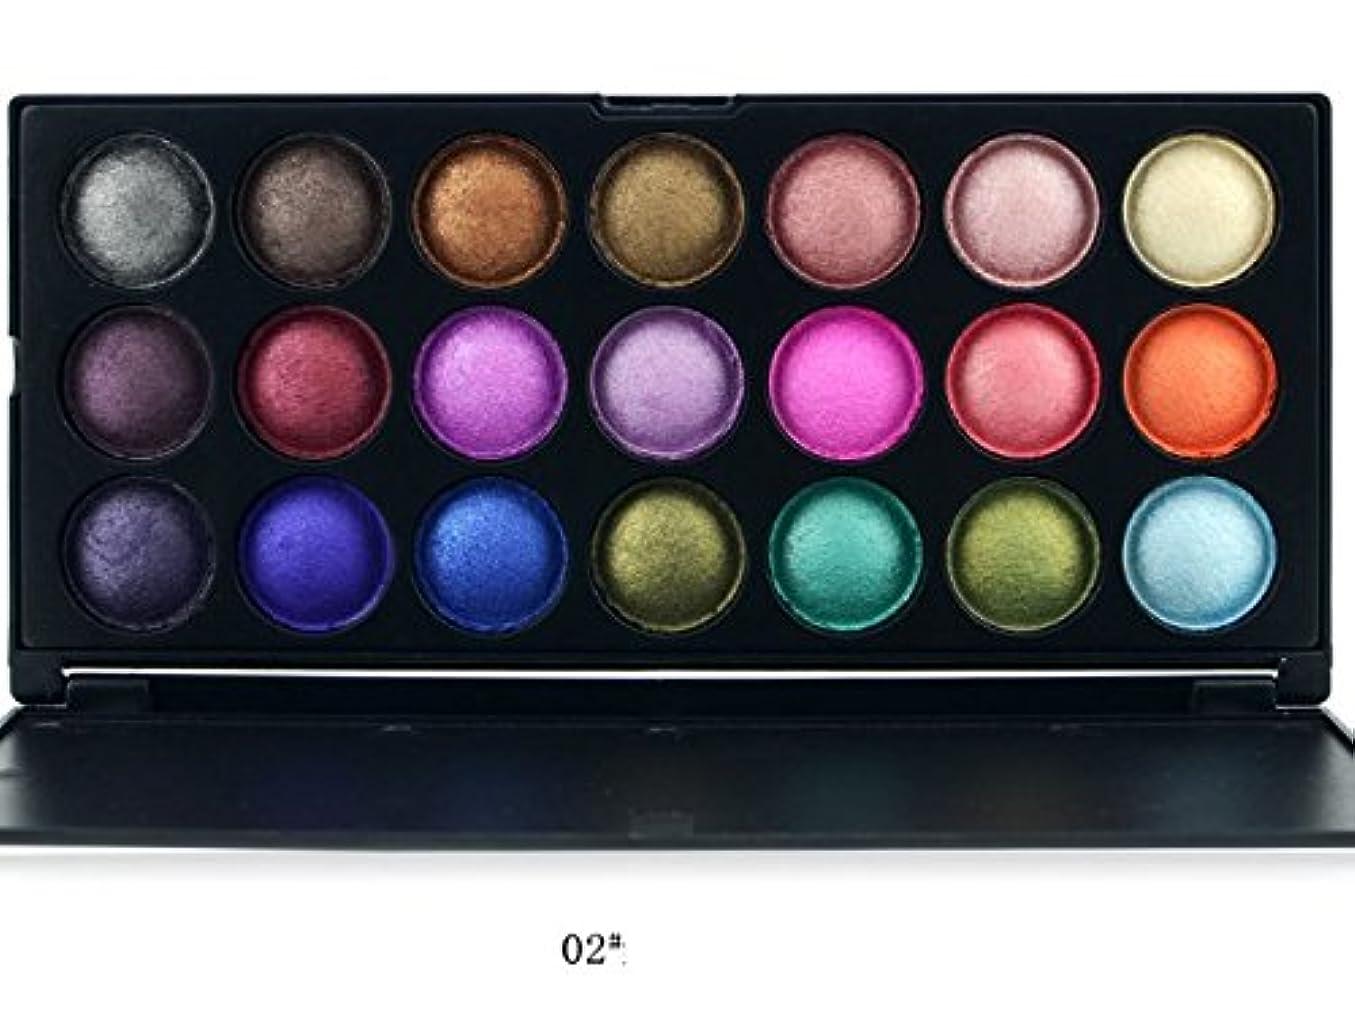 緑ソート結紮MakeupAcc 焼きアイシャドウ 21色 カラフル 乾式と湿式 (02) [並行輸入品]